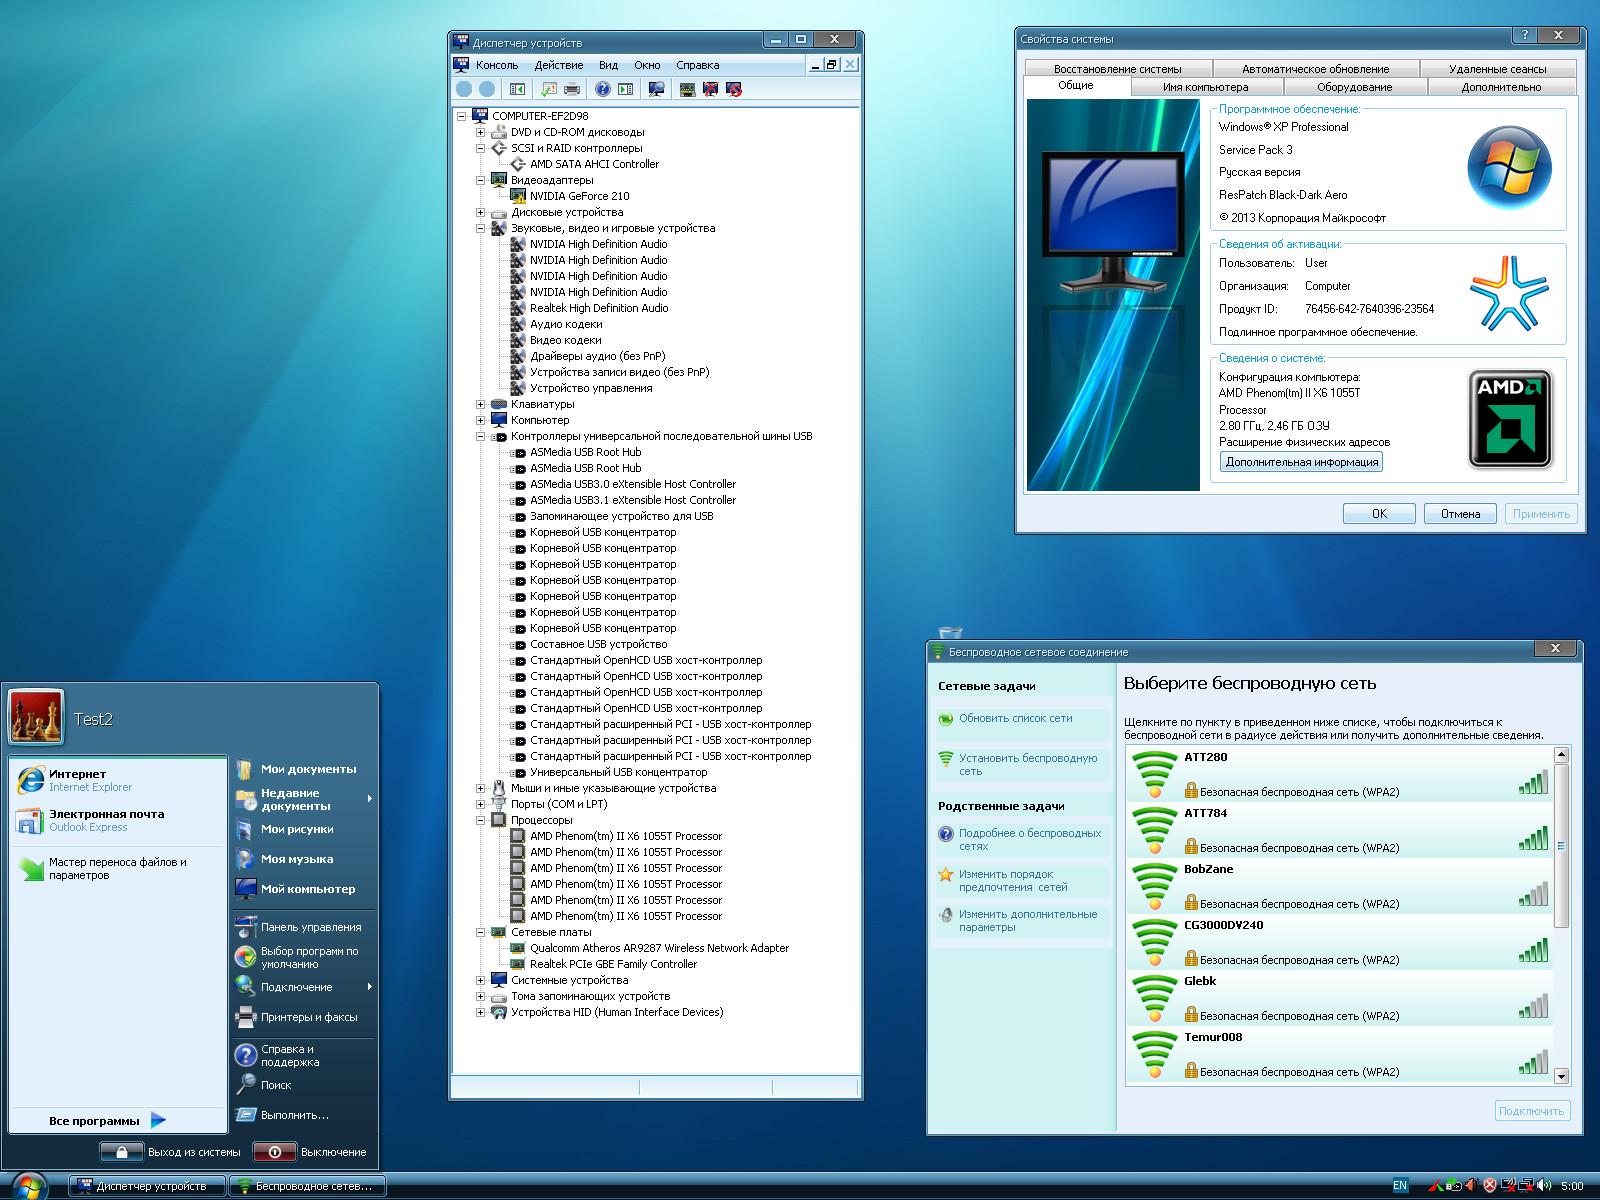 Скачать голосовые драйвера на windows xp бесплатно